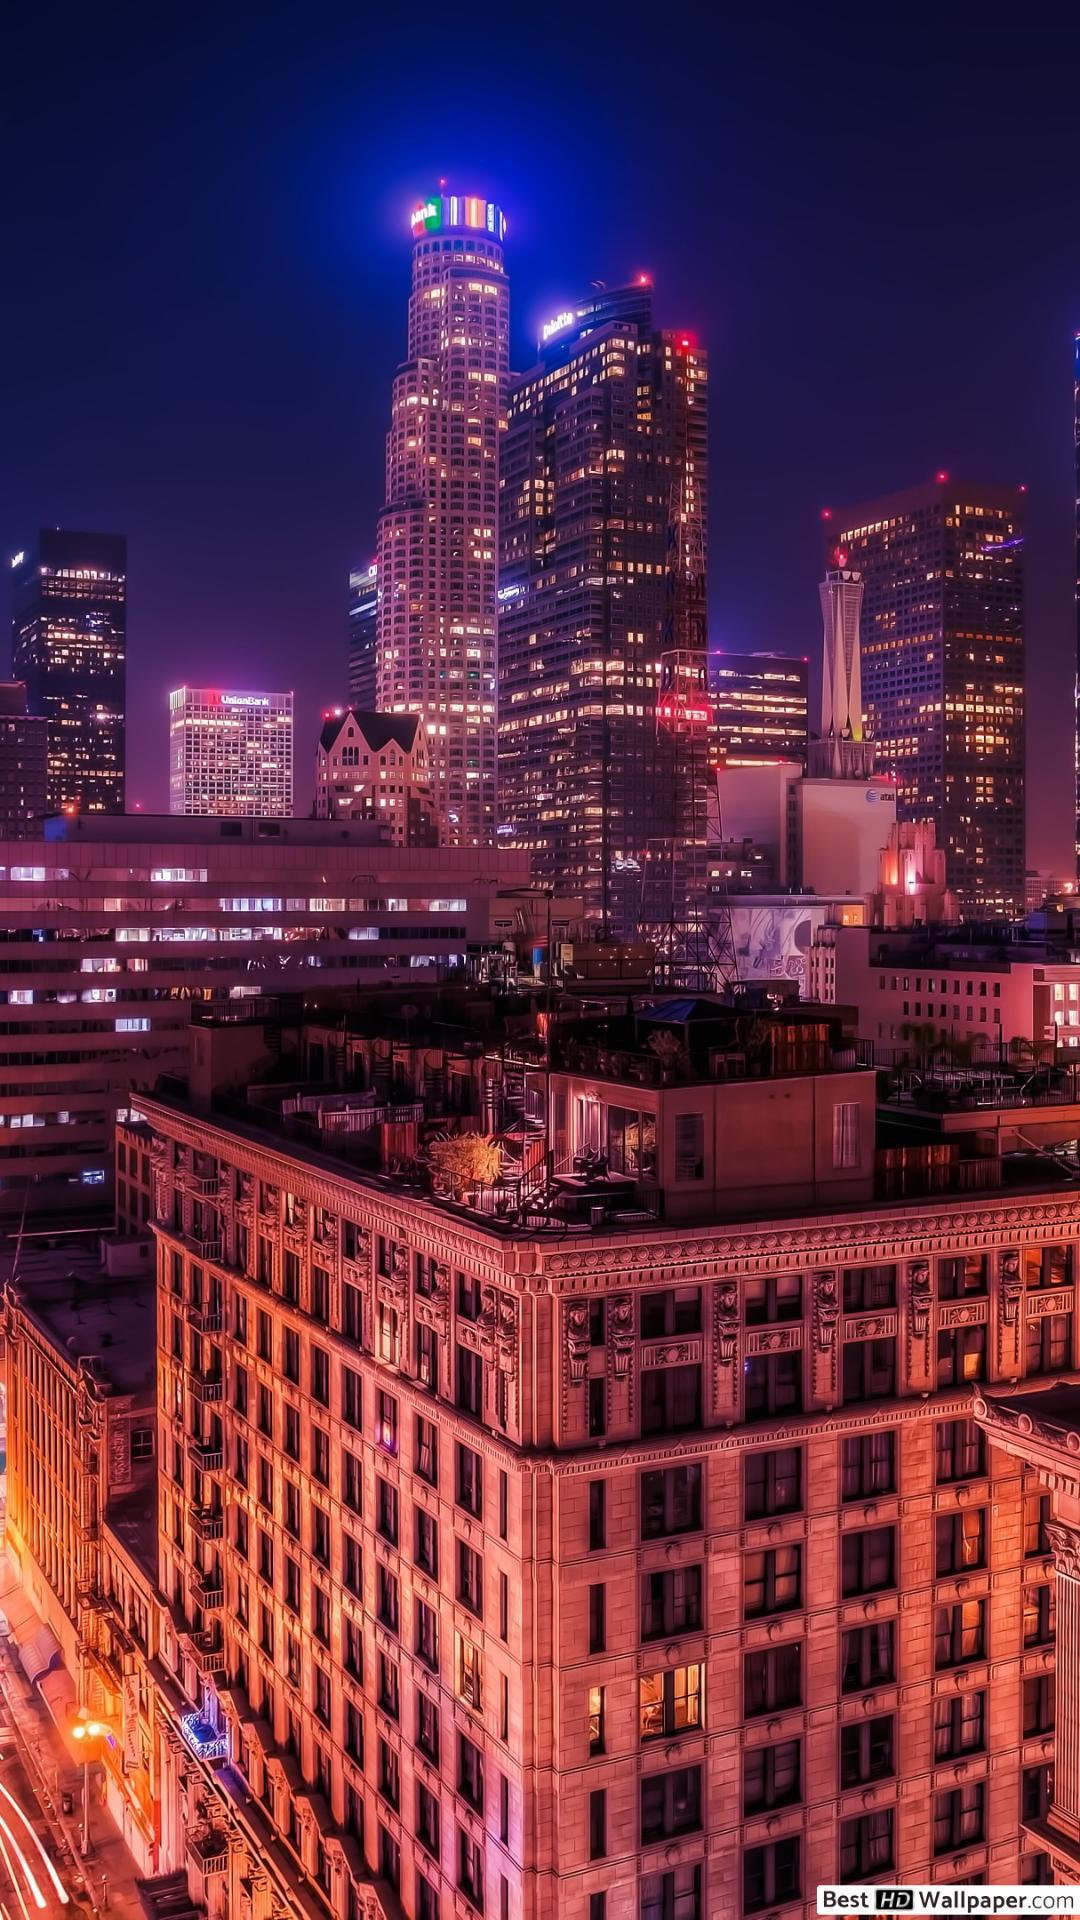 ロサンゼルス 夜景 壁紙 1080x19 Wallpaper Teahub Io